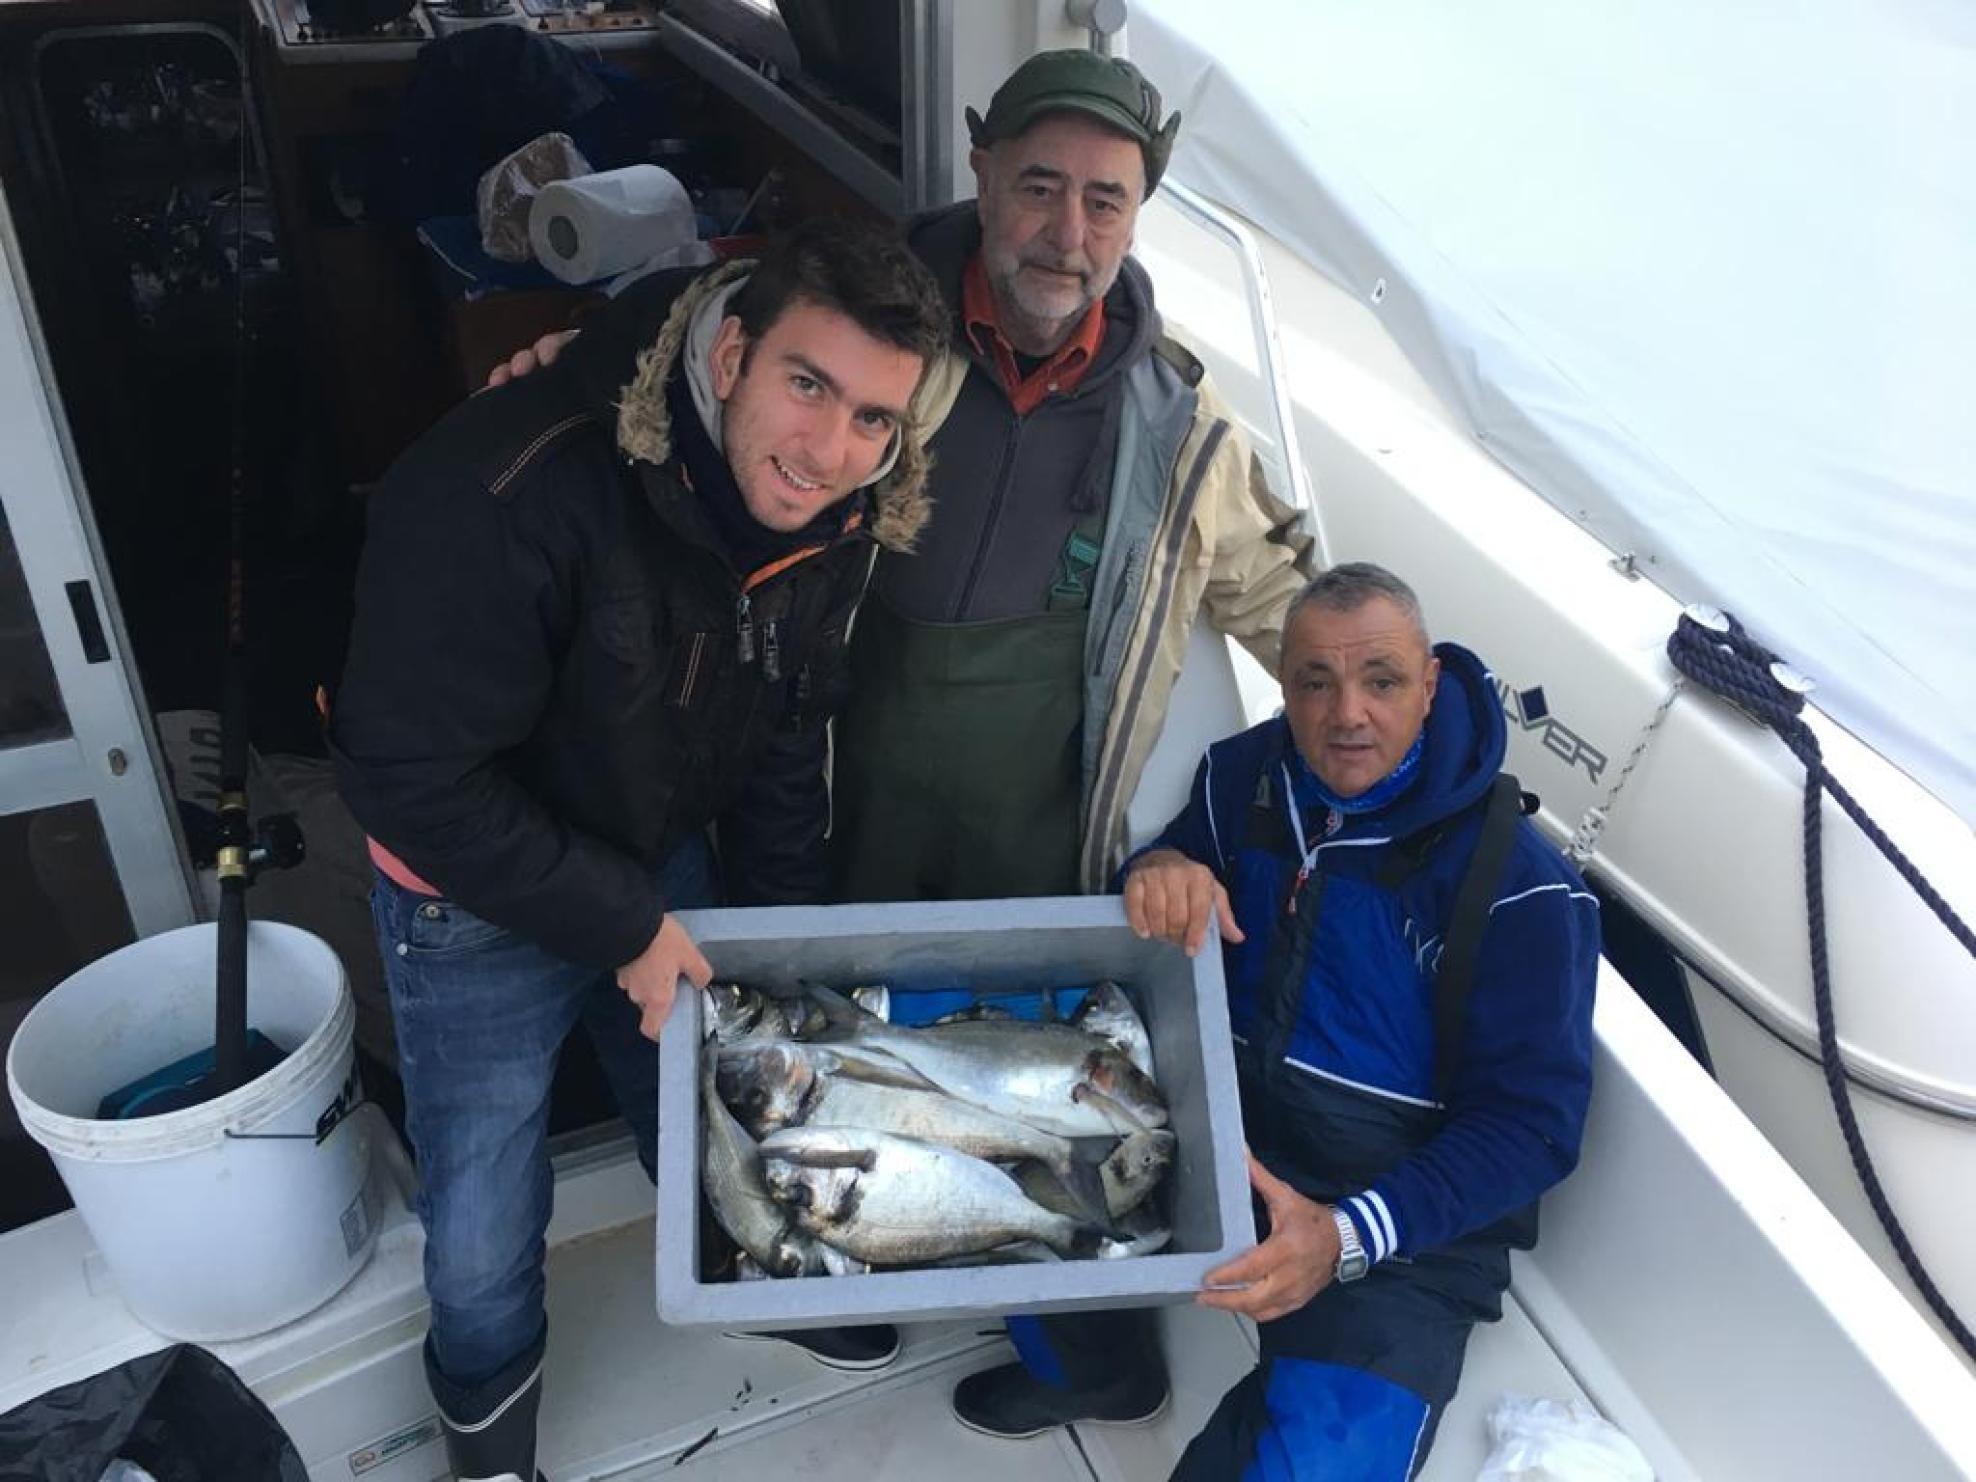 La pesca mirata alle orate, mesi adatti Novembre e Dicembre da effettuarsi sia nellla mezza che ne''intera giornata